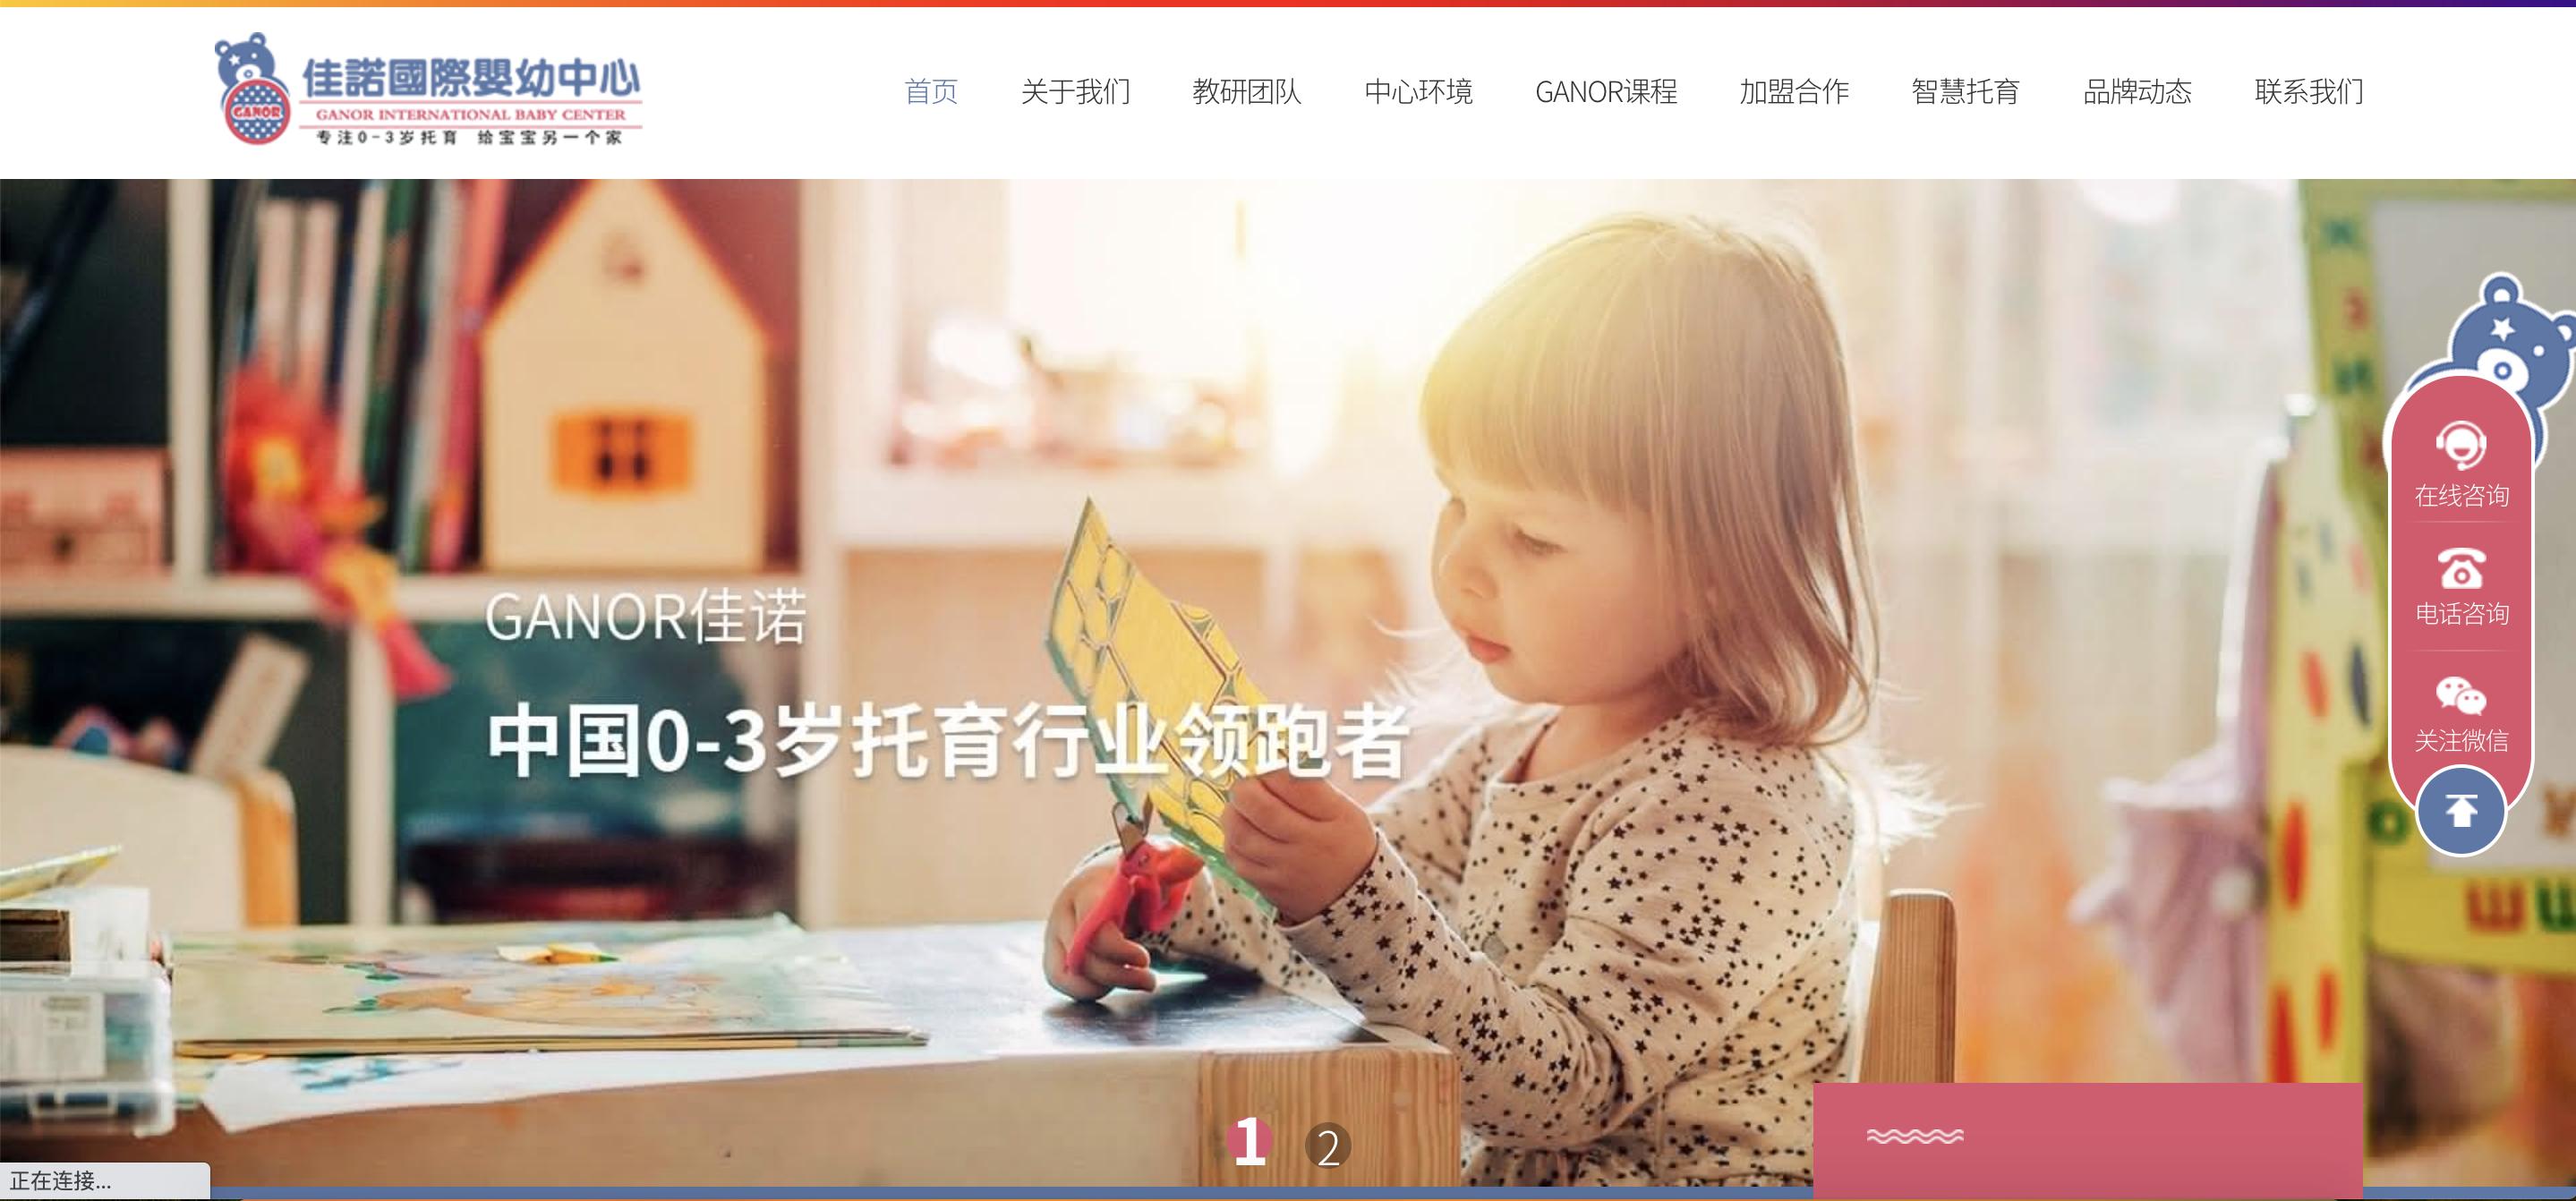 公司网站 网站建设 网页设计 外贸建站 智能建站 网站开发